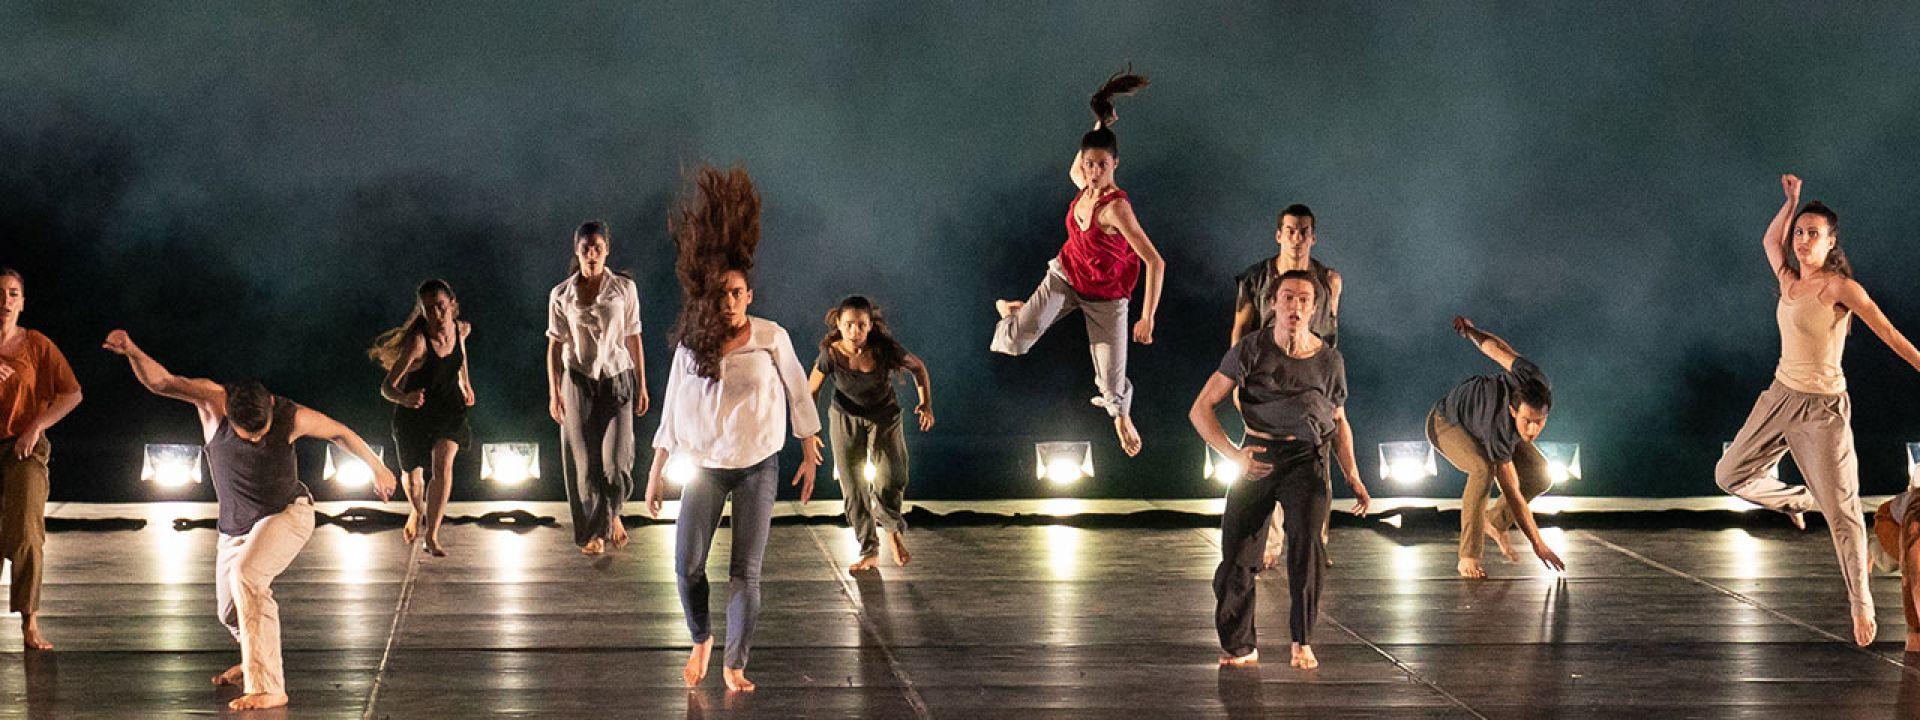 Φωτογραφία από την Επαγγελματική Σχολή Χορού ΕΛΣ